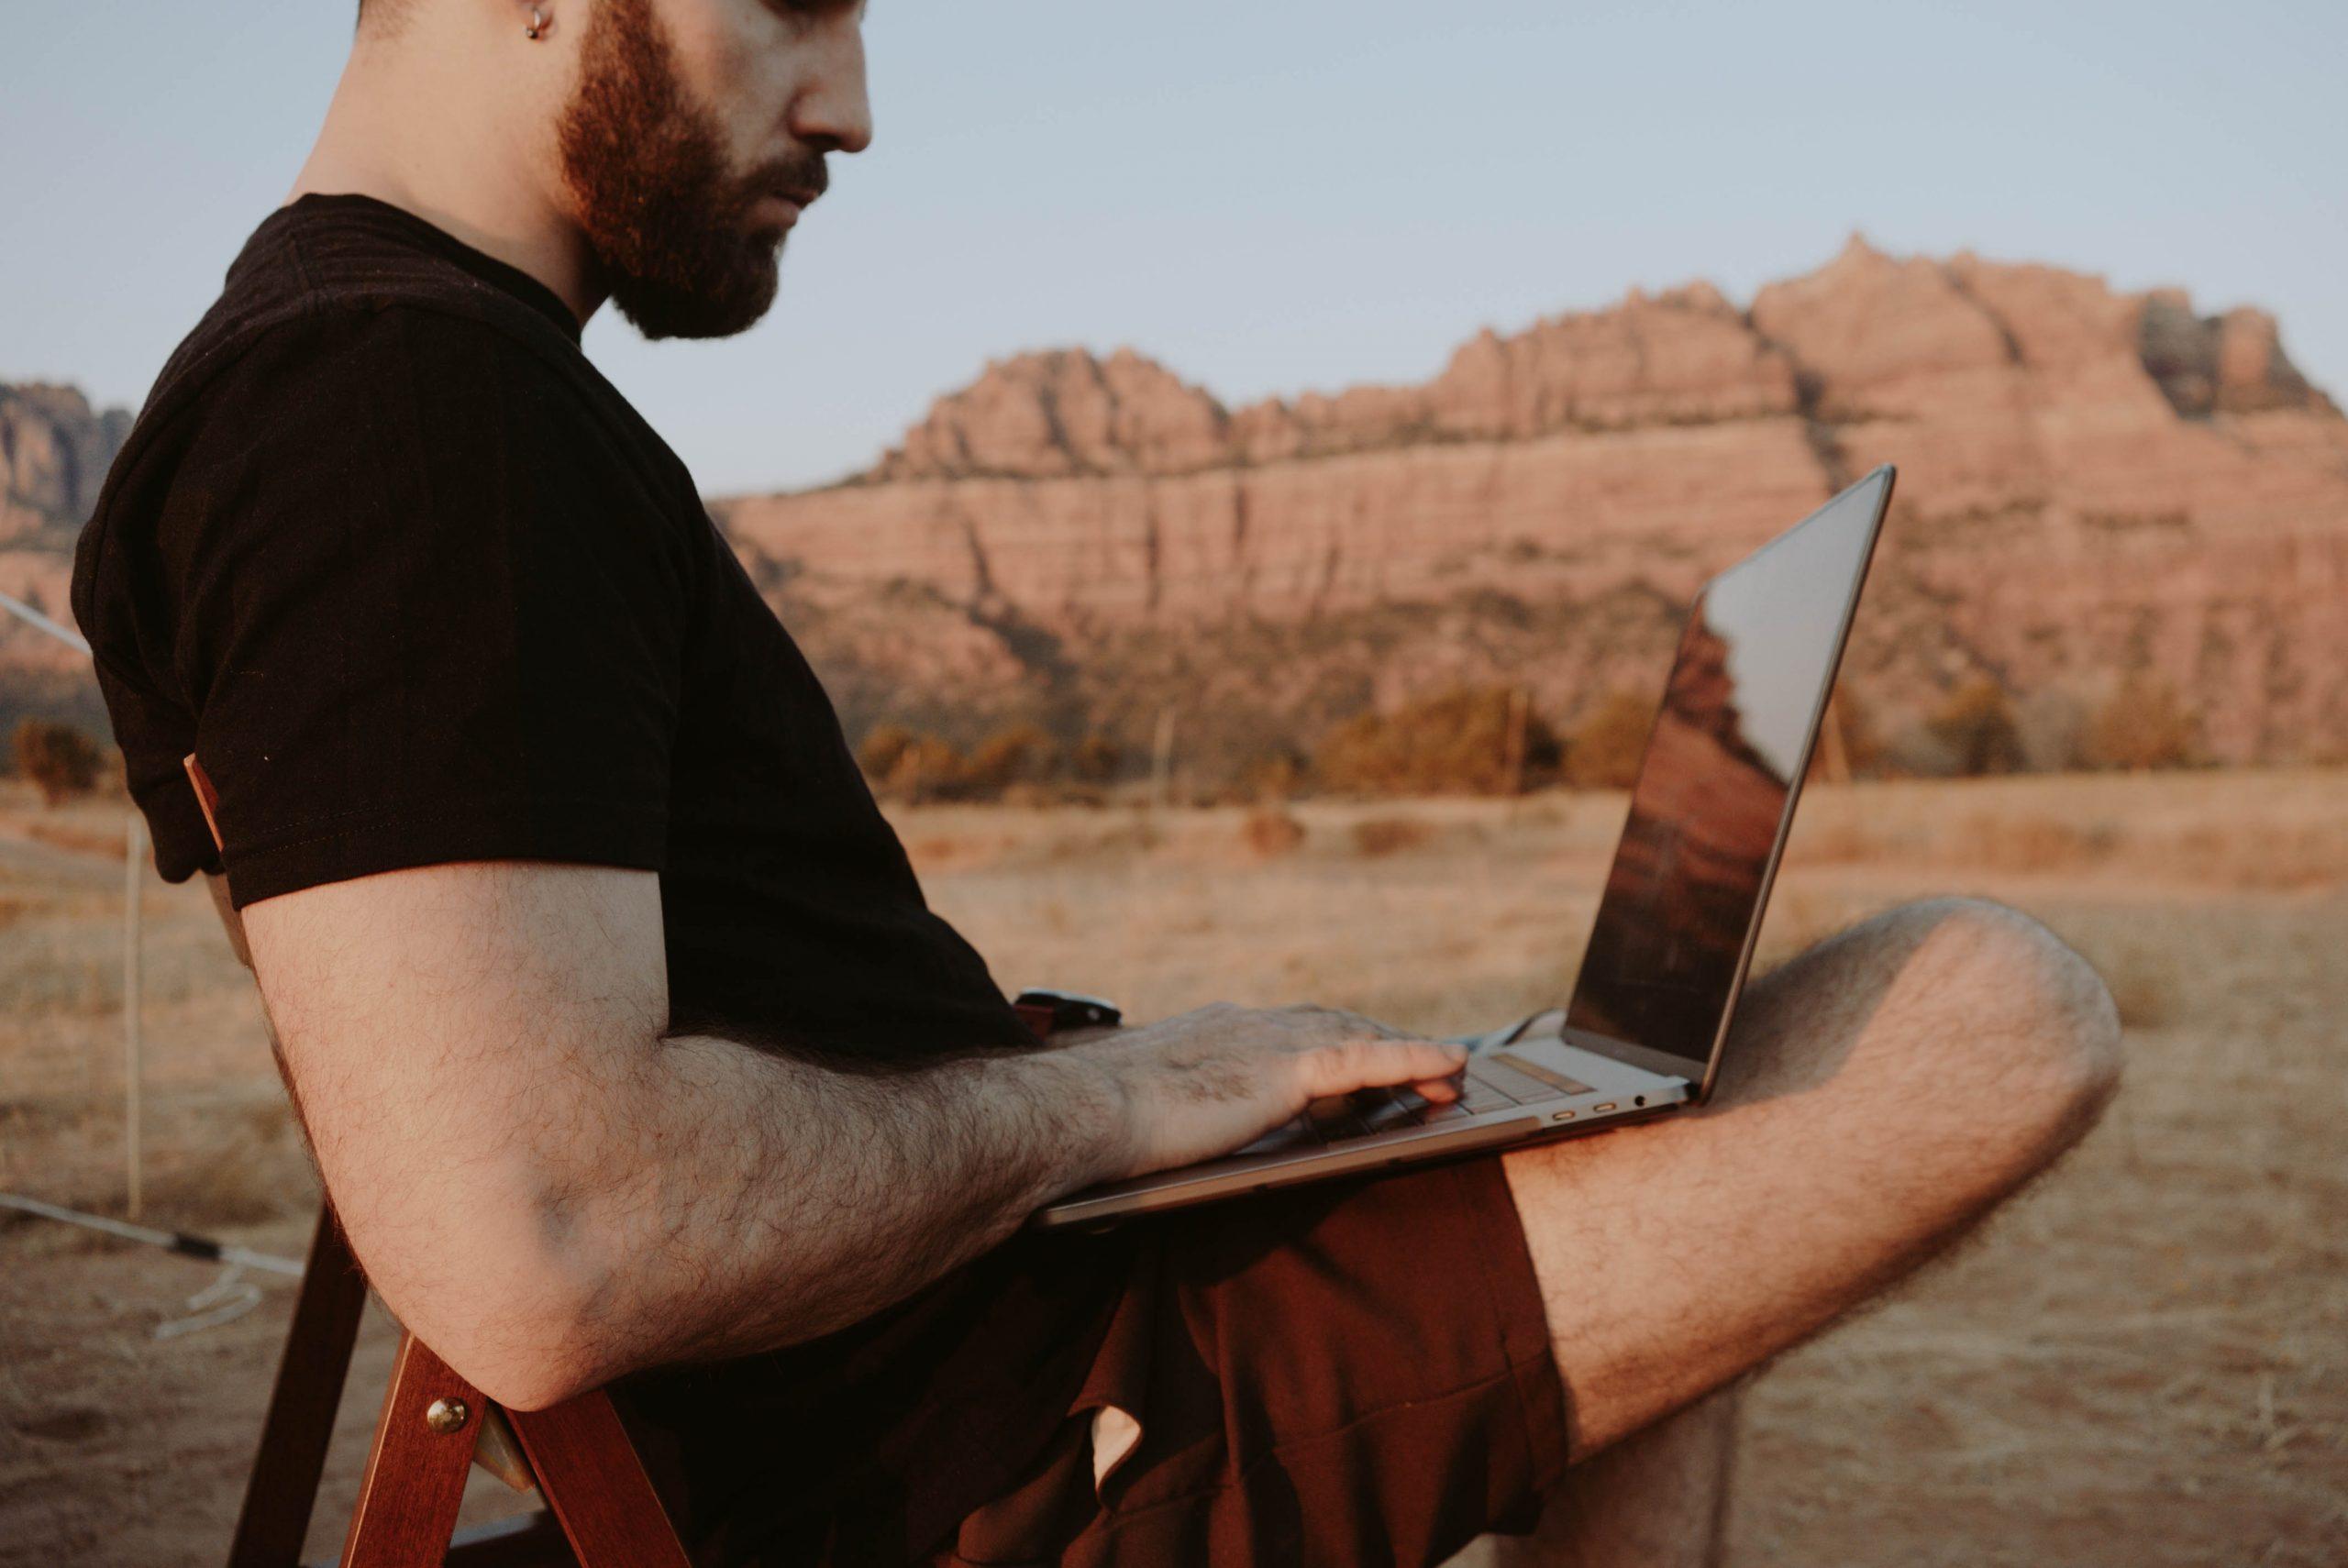 Imagem mostra um homem usando um notebook em meio à natureza.